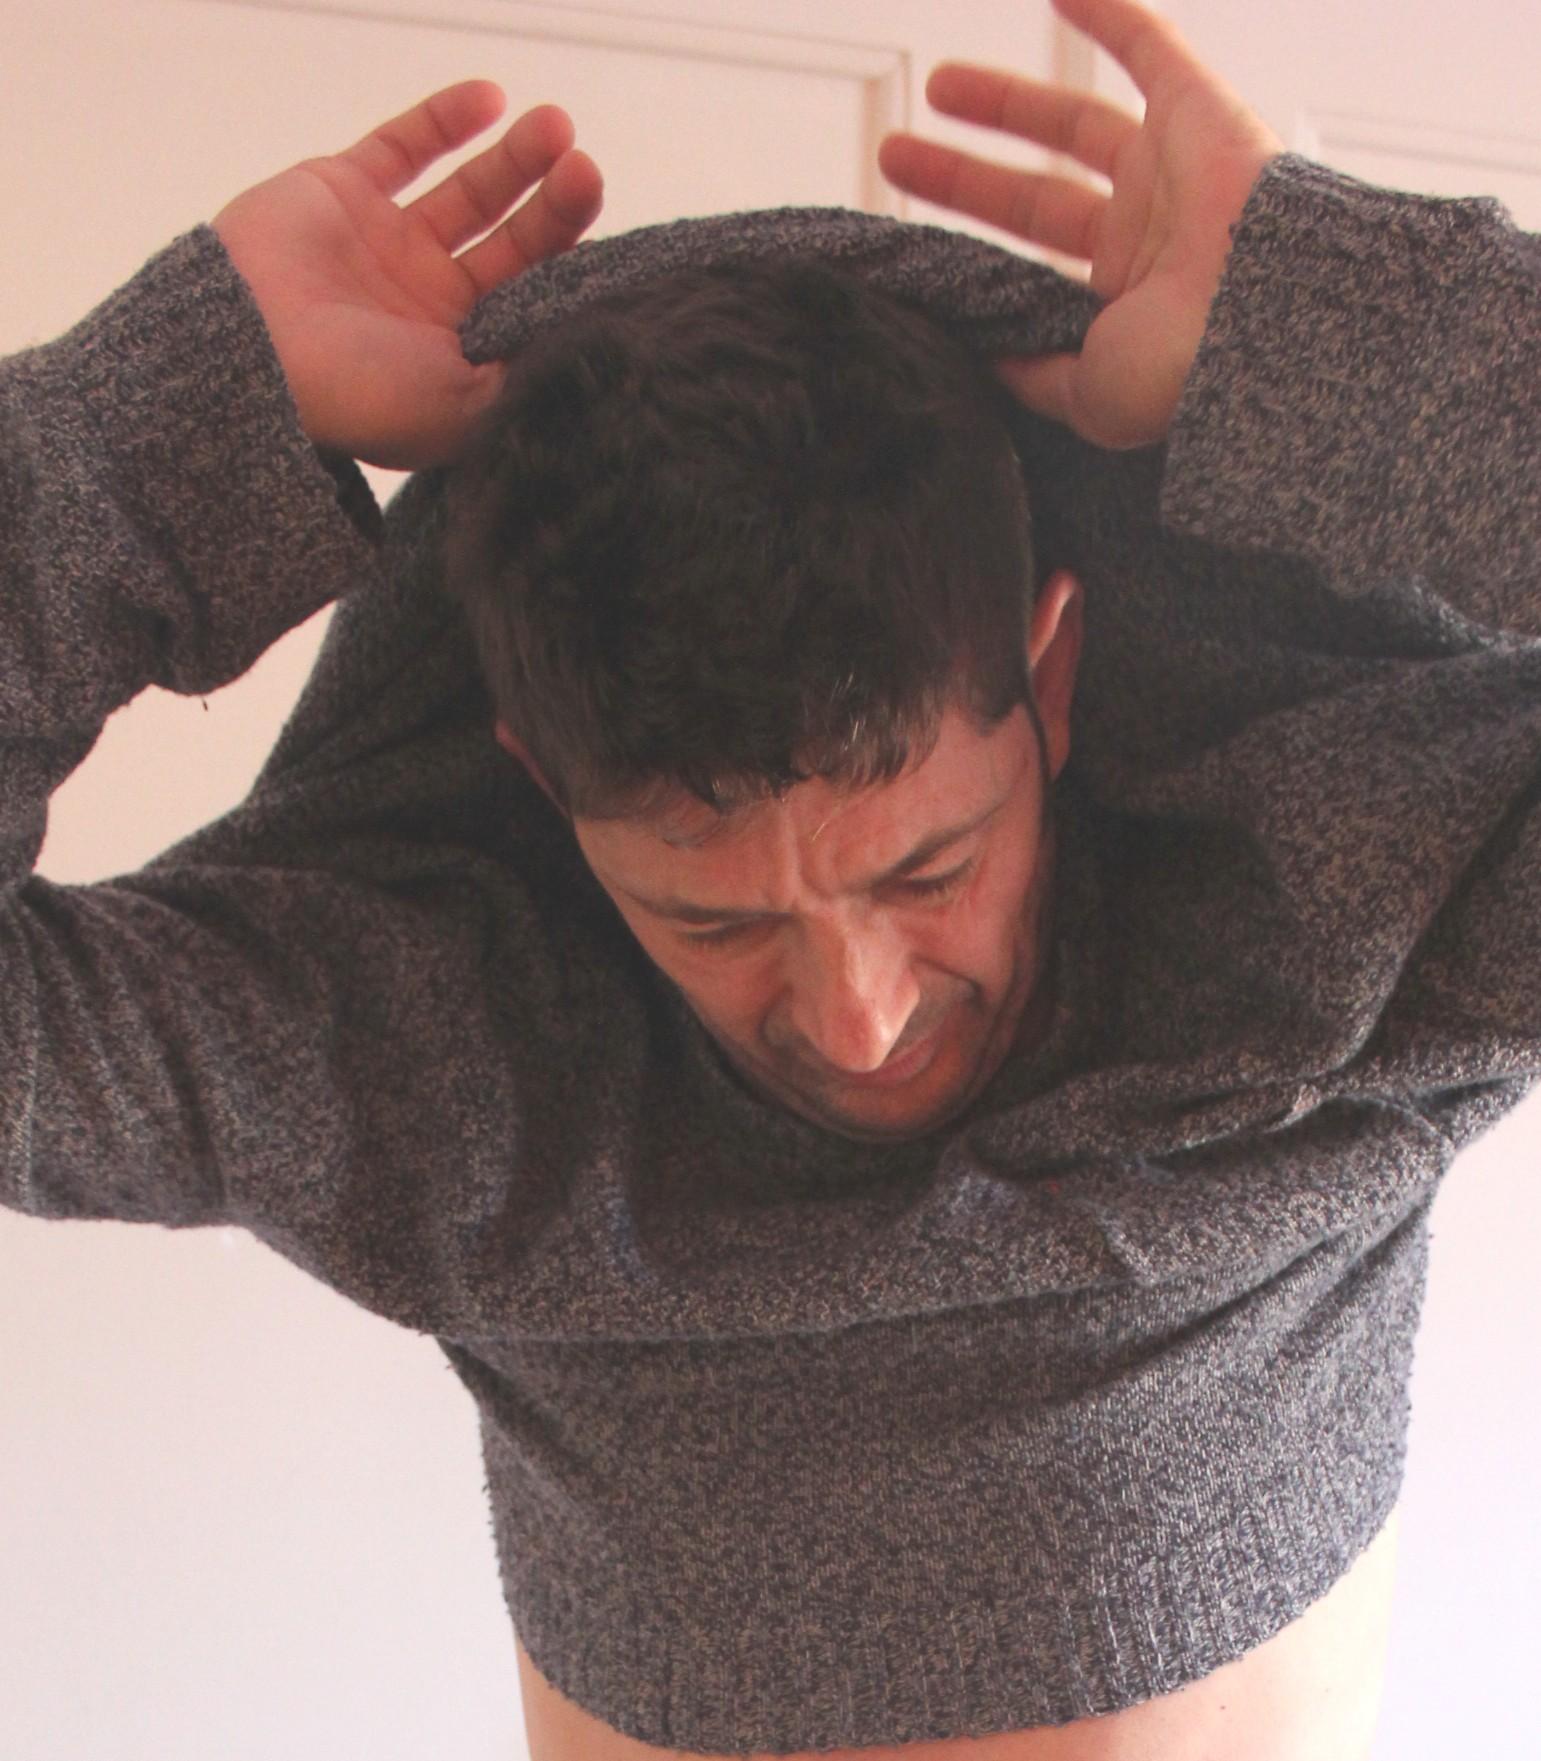 Ziehen Frauen einen Pullover anders aus als Männer?